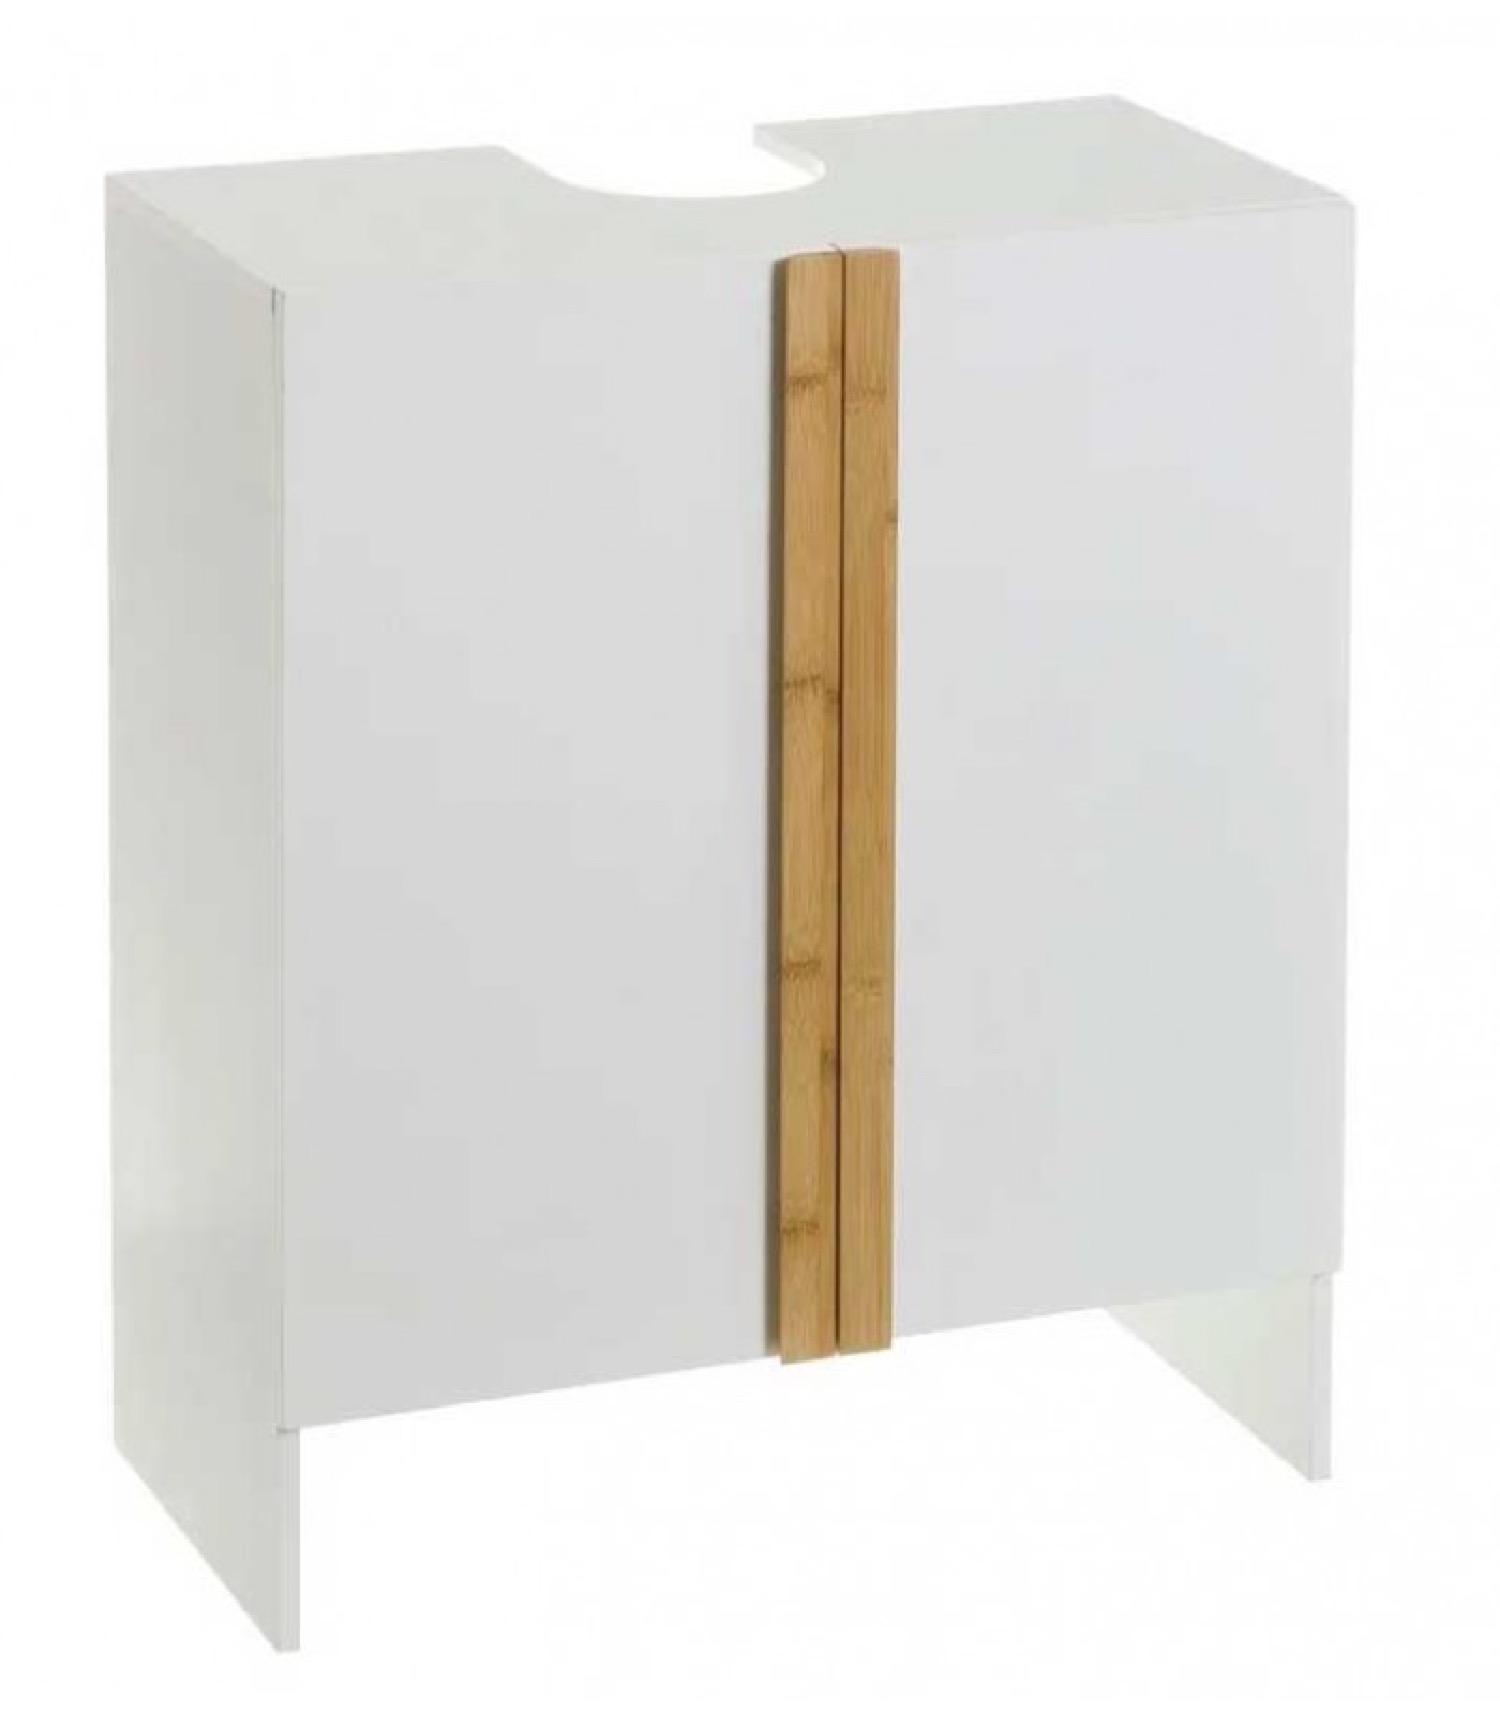 Meuble salle de bain sous lavabo/vasque en bois blanc